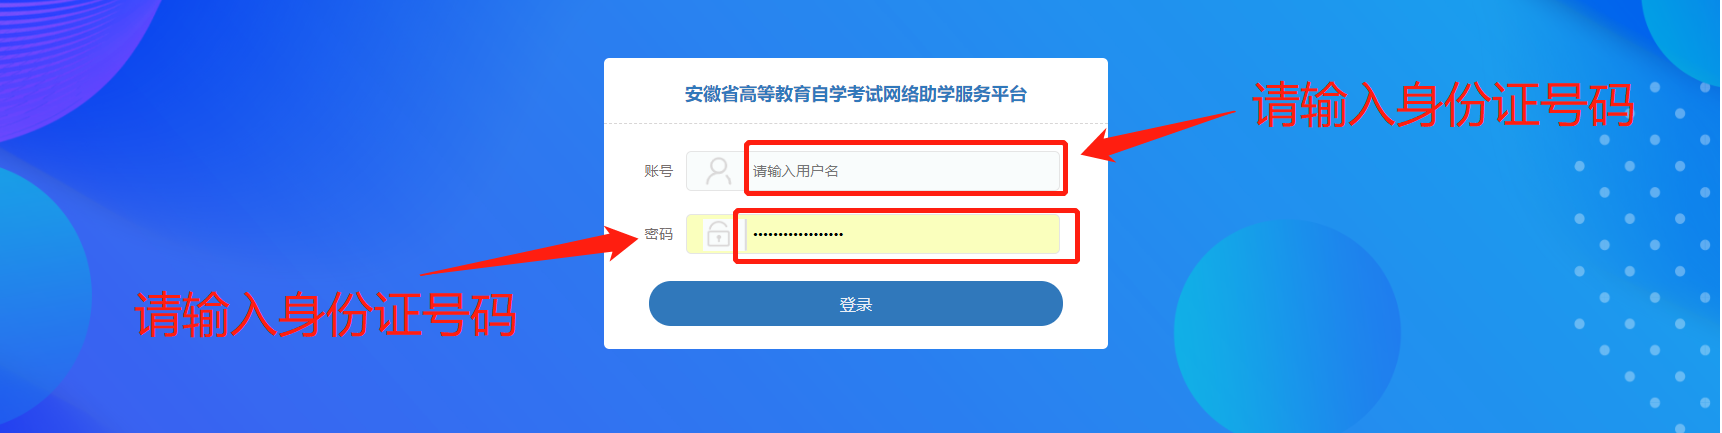 学习平台登录方法图解-示例1